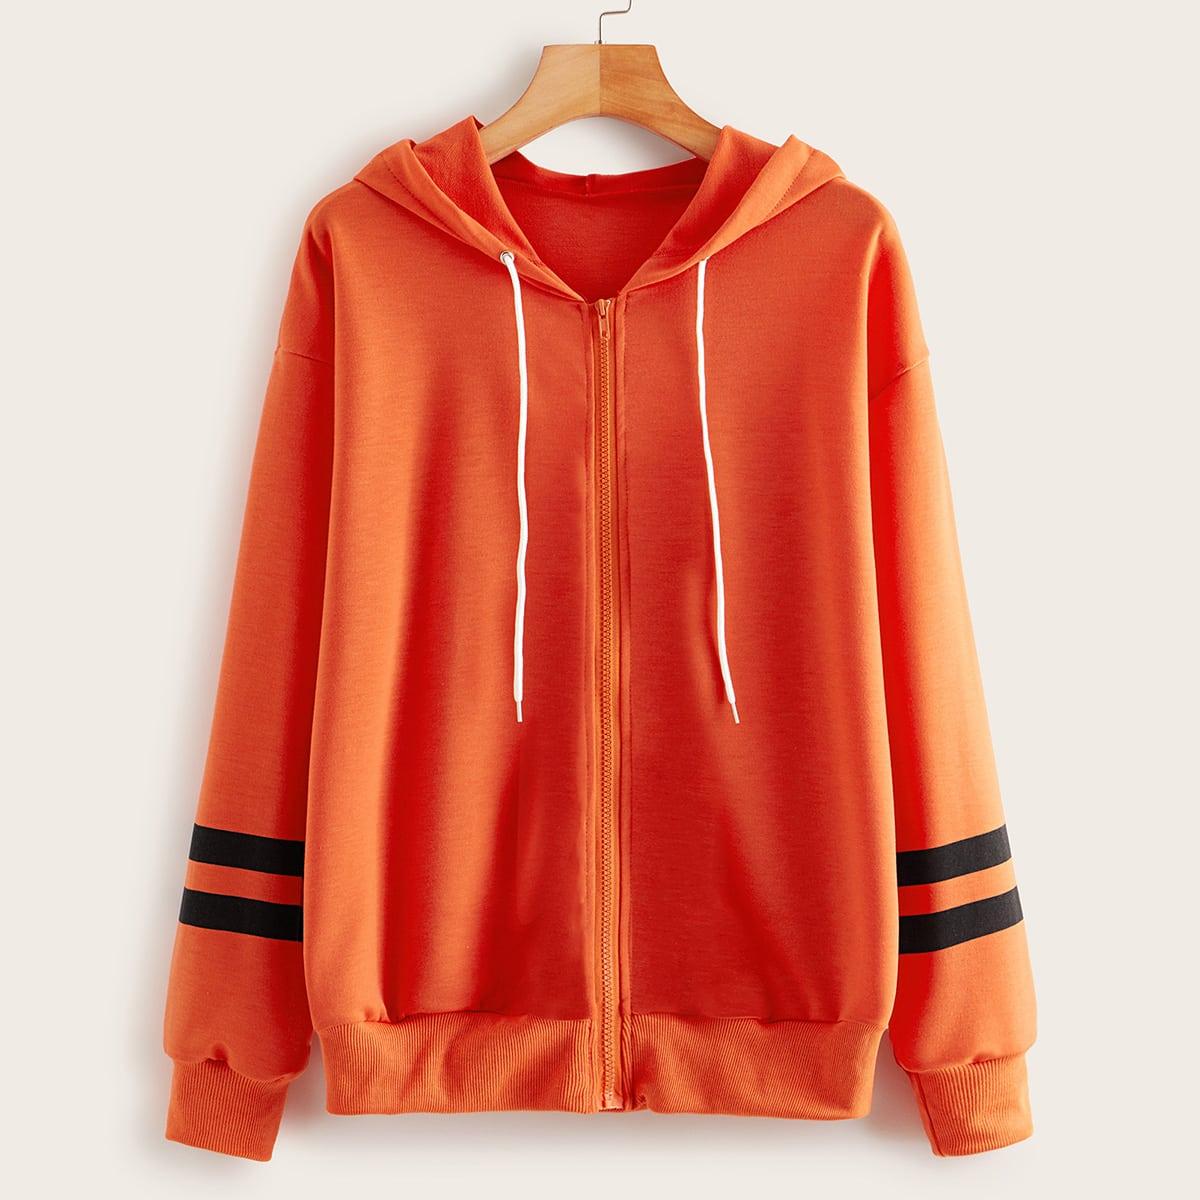 SHEIN / Neon Orange Hoodie mit Streifen und Reißverschluss